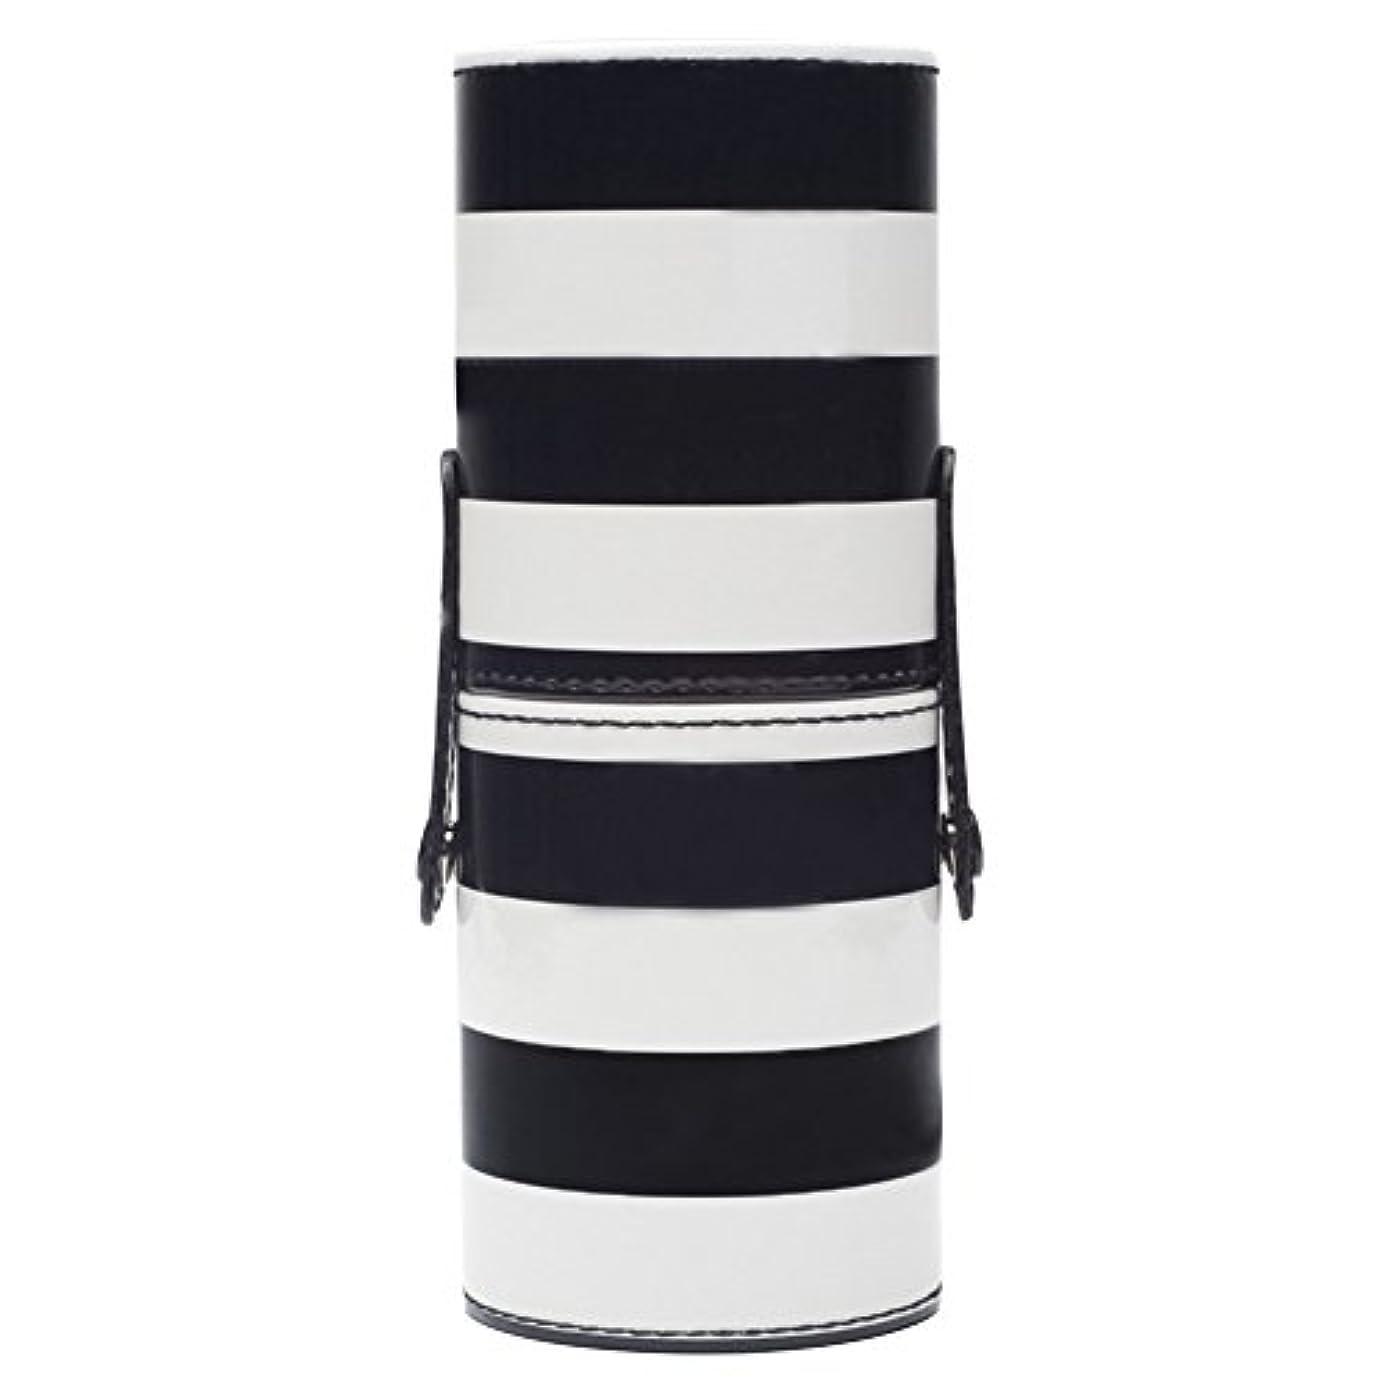 コスチューム奨励します精通したゴシレ Gosear 18 x 7cm レディース メイク ブラシ ケース 円筒型 専用収納 ケース 文房具バレル 収納桶 収納筒 PUレザー ケース 黑白ストライプ